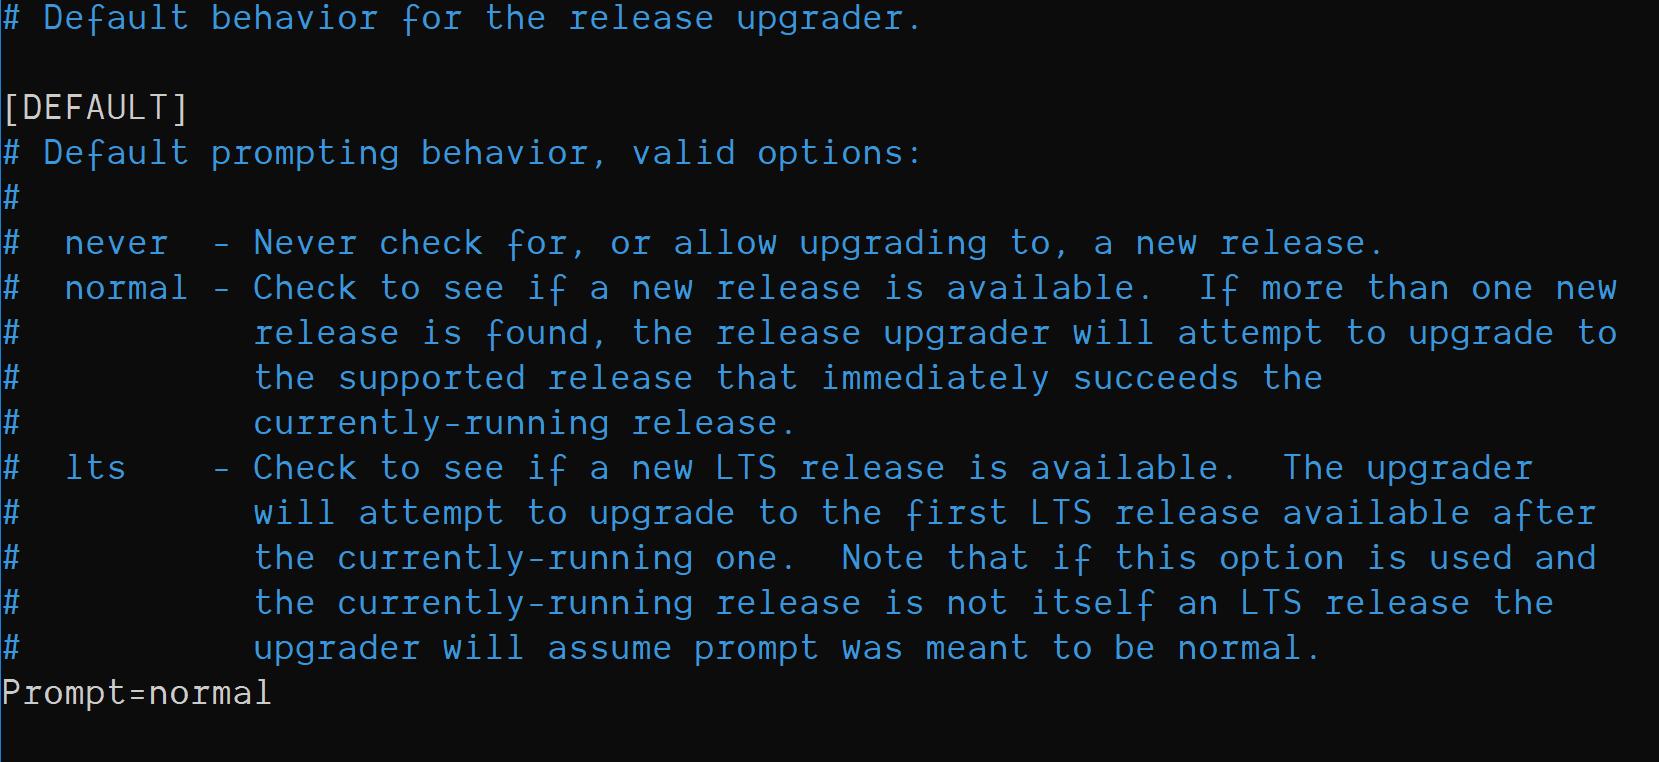 default release ugrader